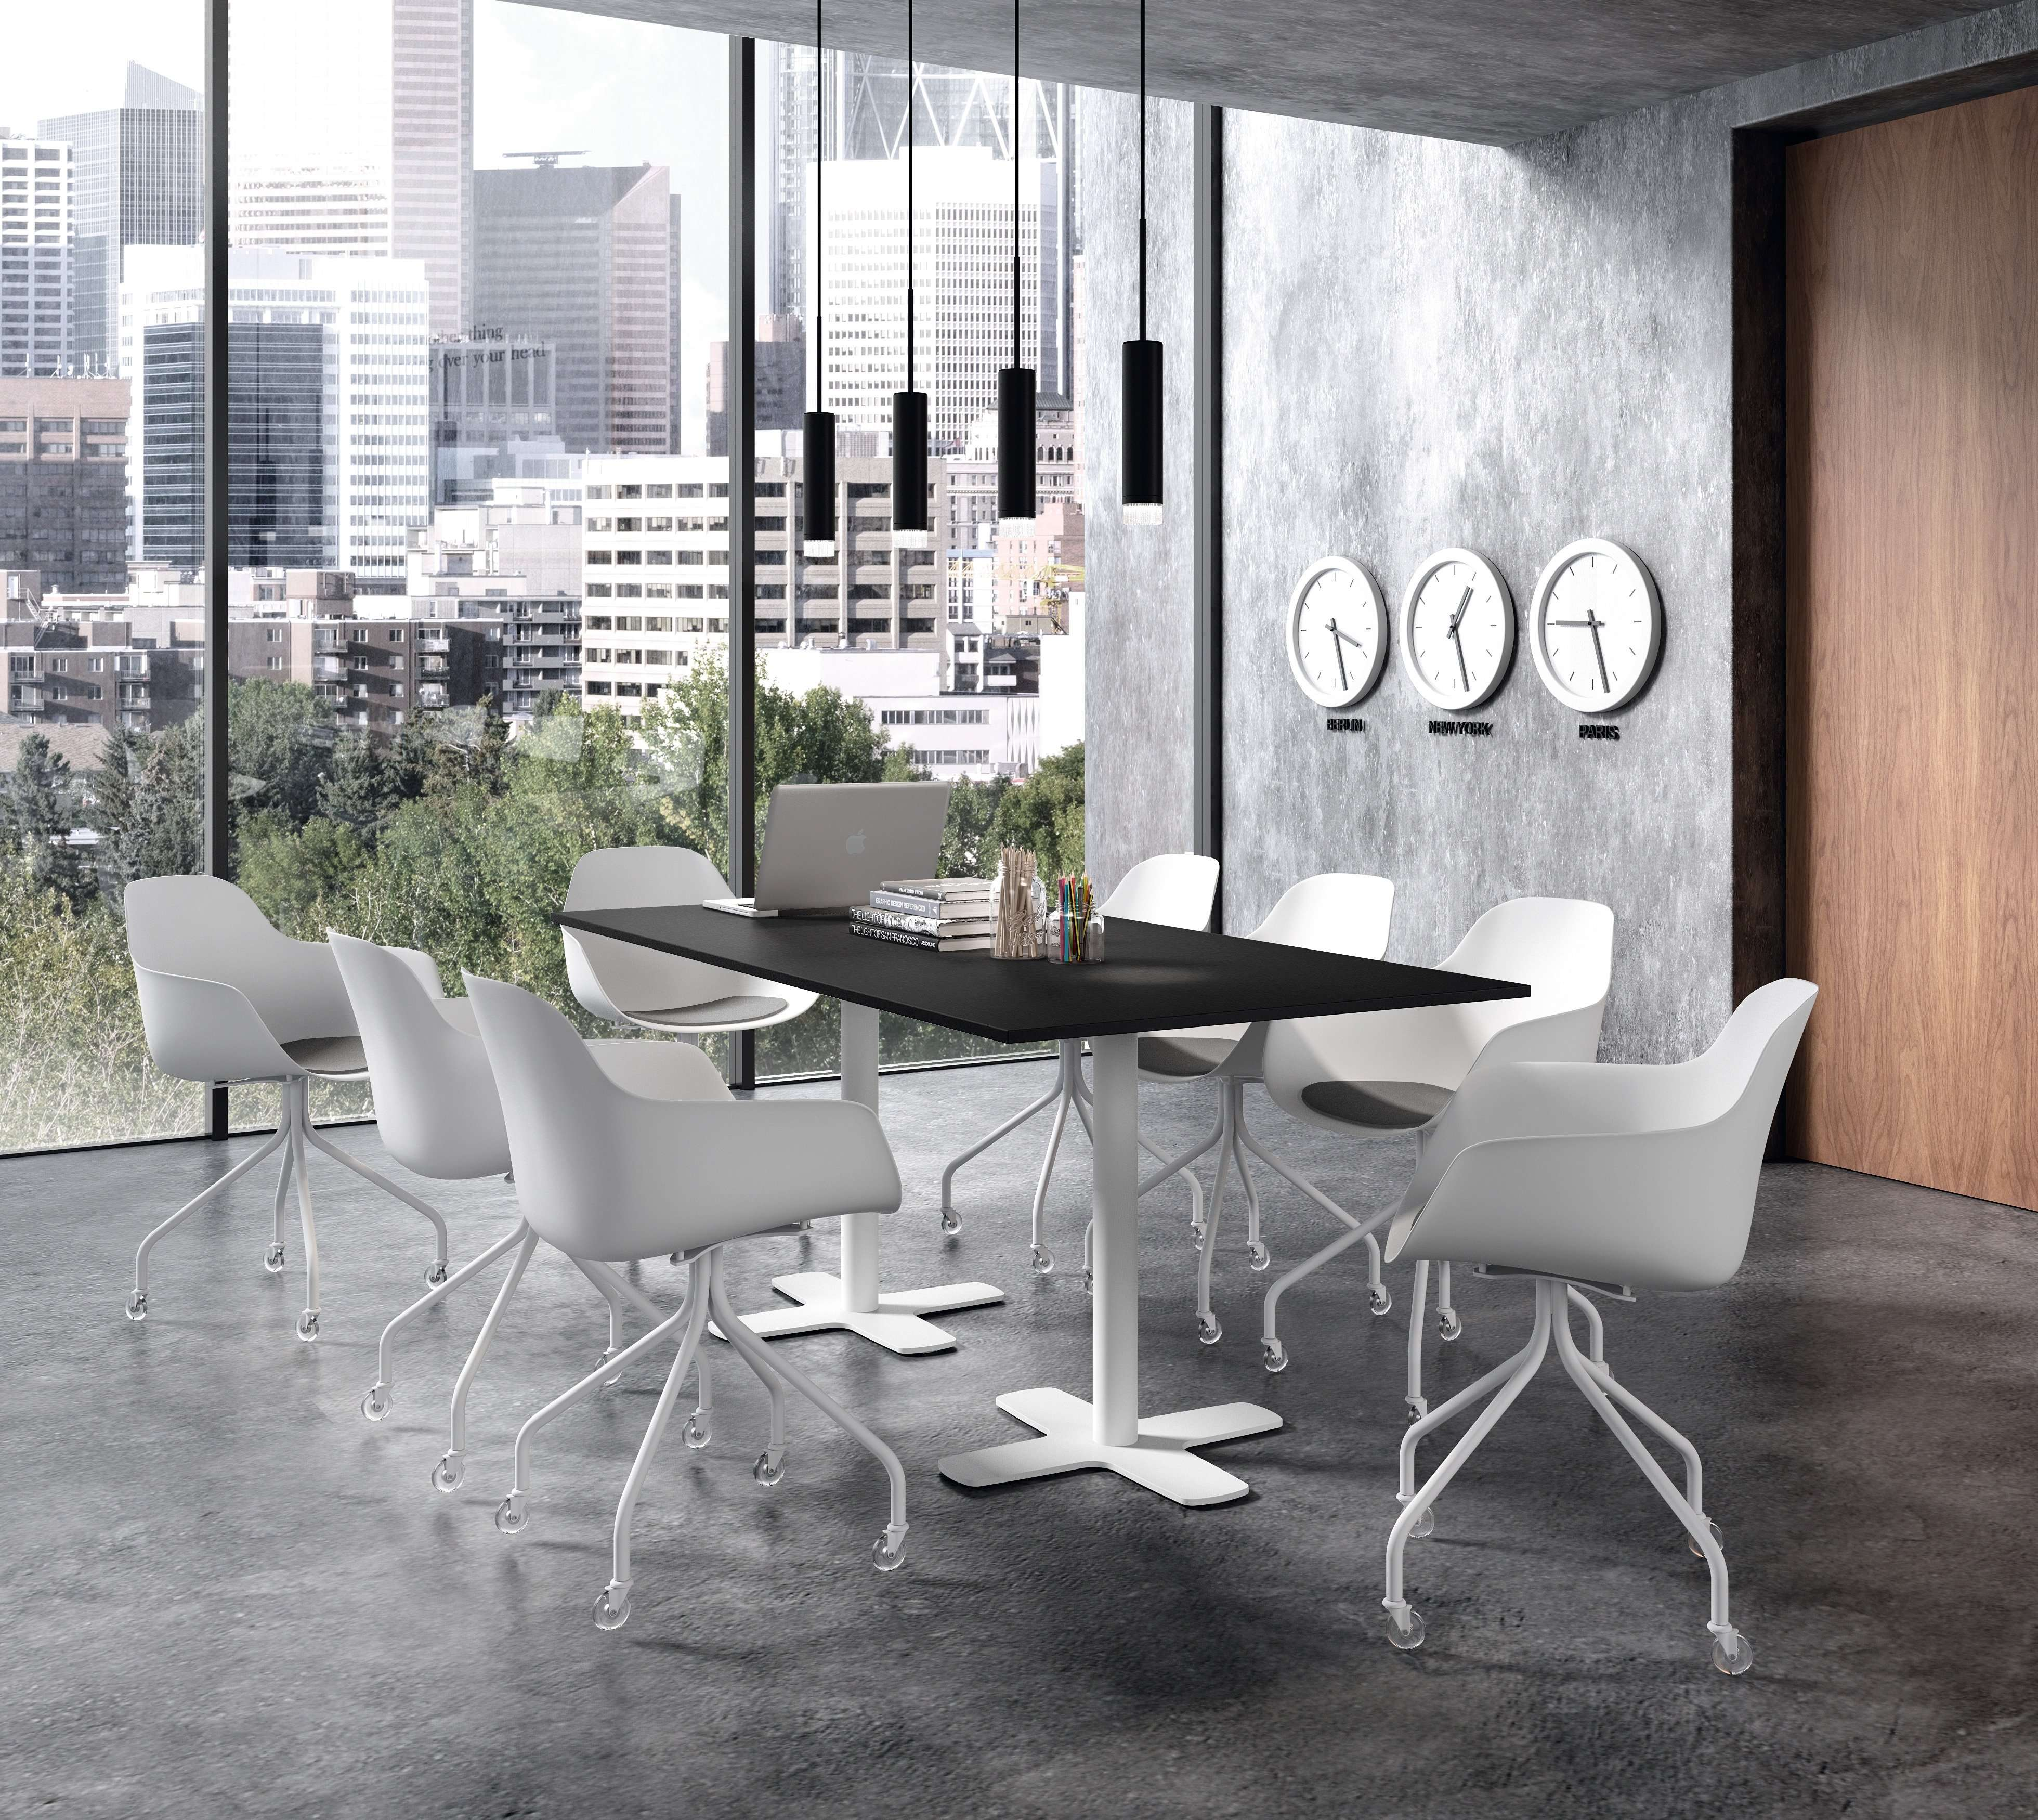 Table de cuisine rectangulaire spinner et chaise roulettes bora meuble loi - Table cuisine rectangulaire ...